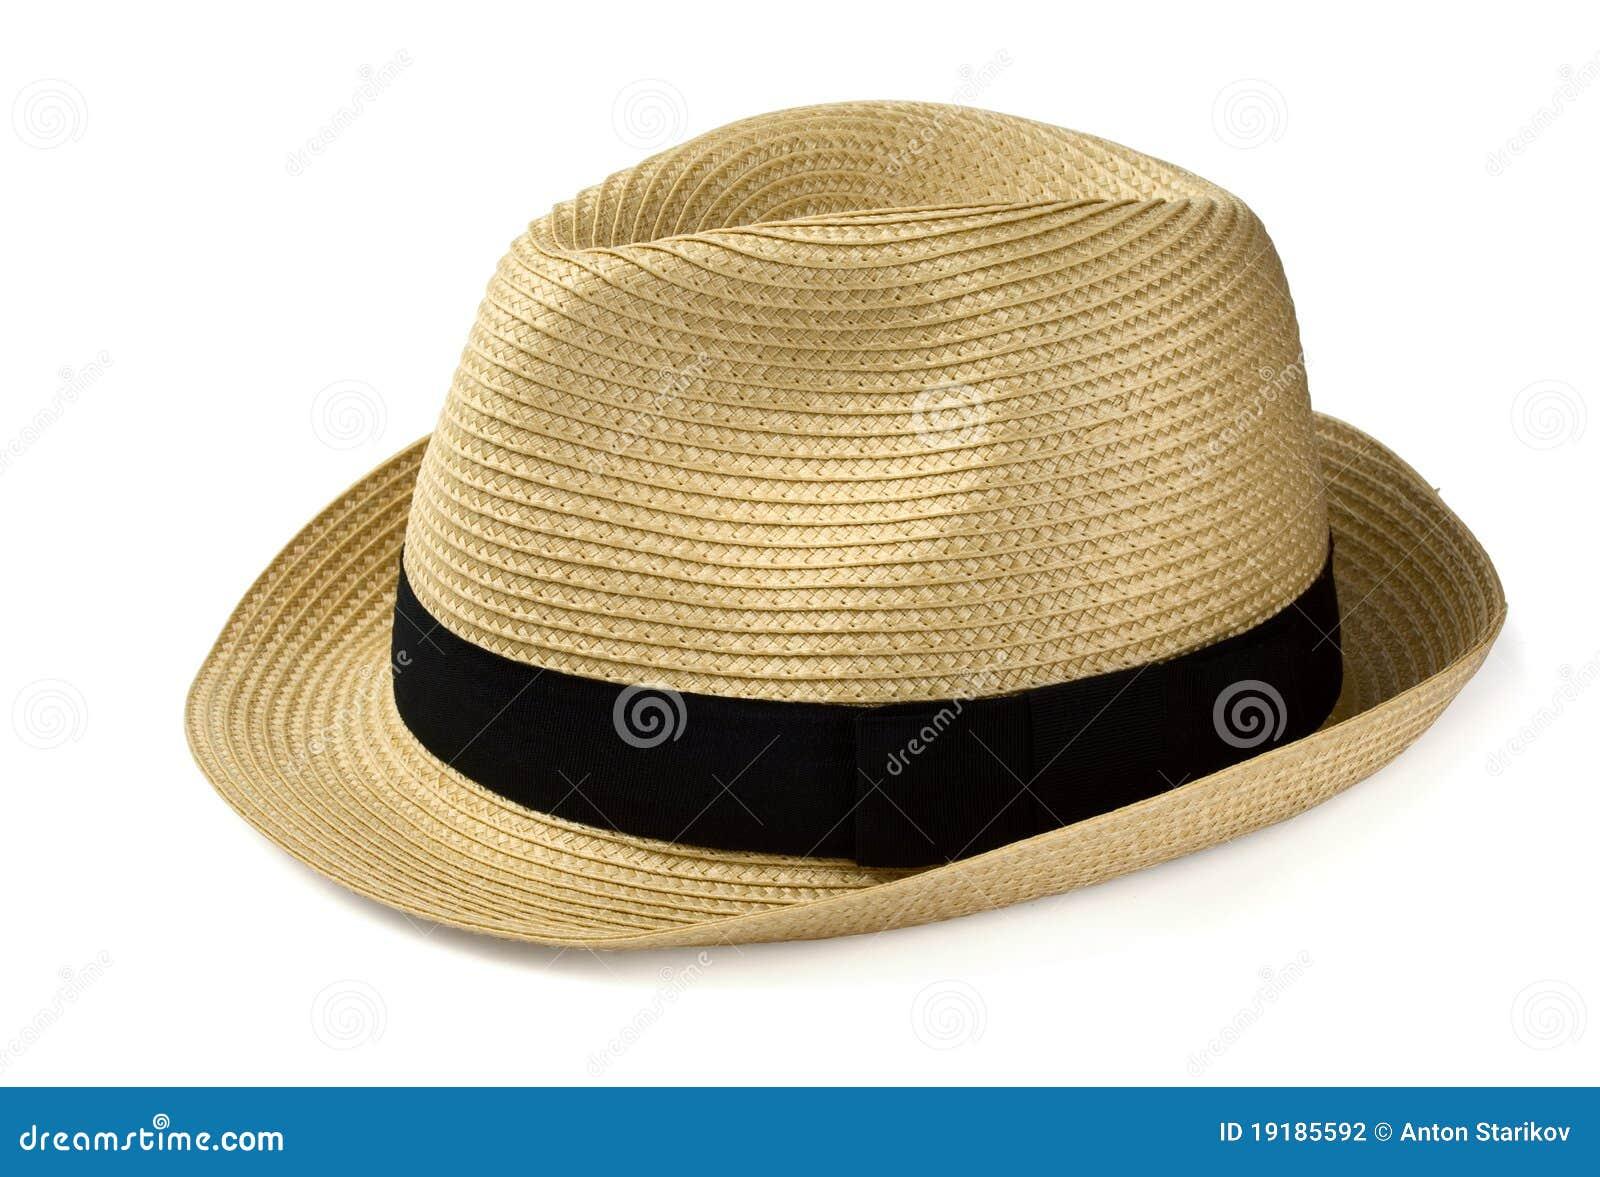 Cappello Panama, Cappelli Panama